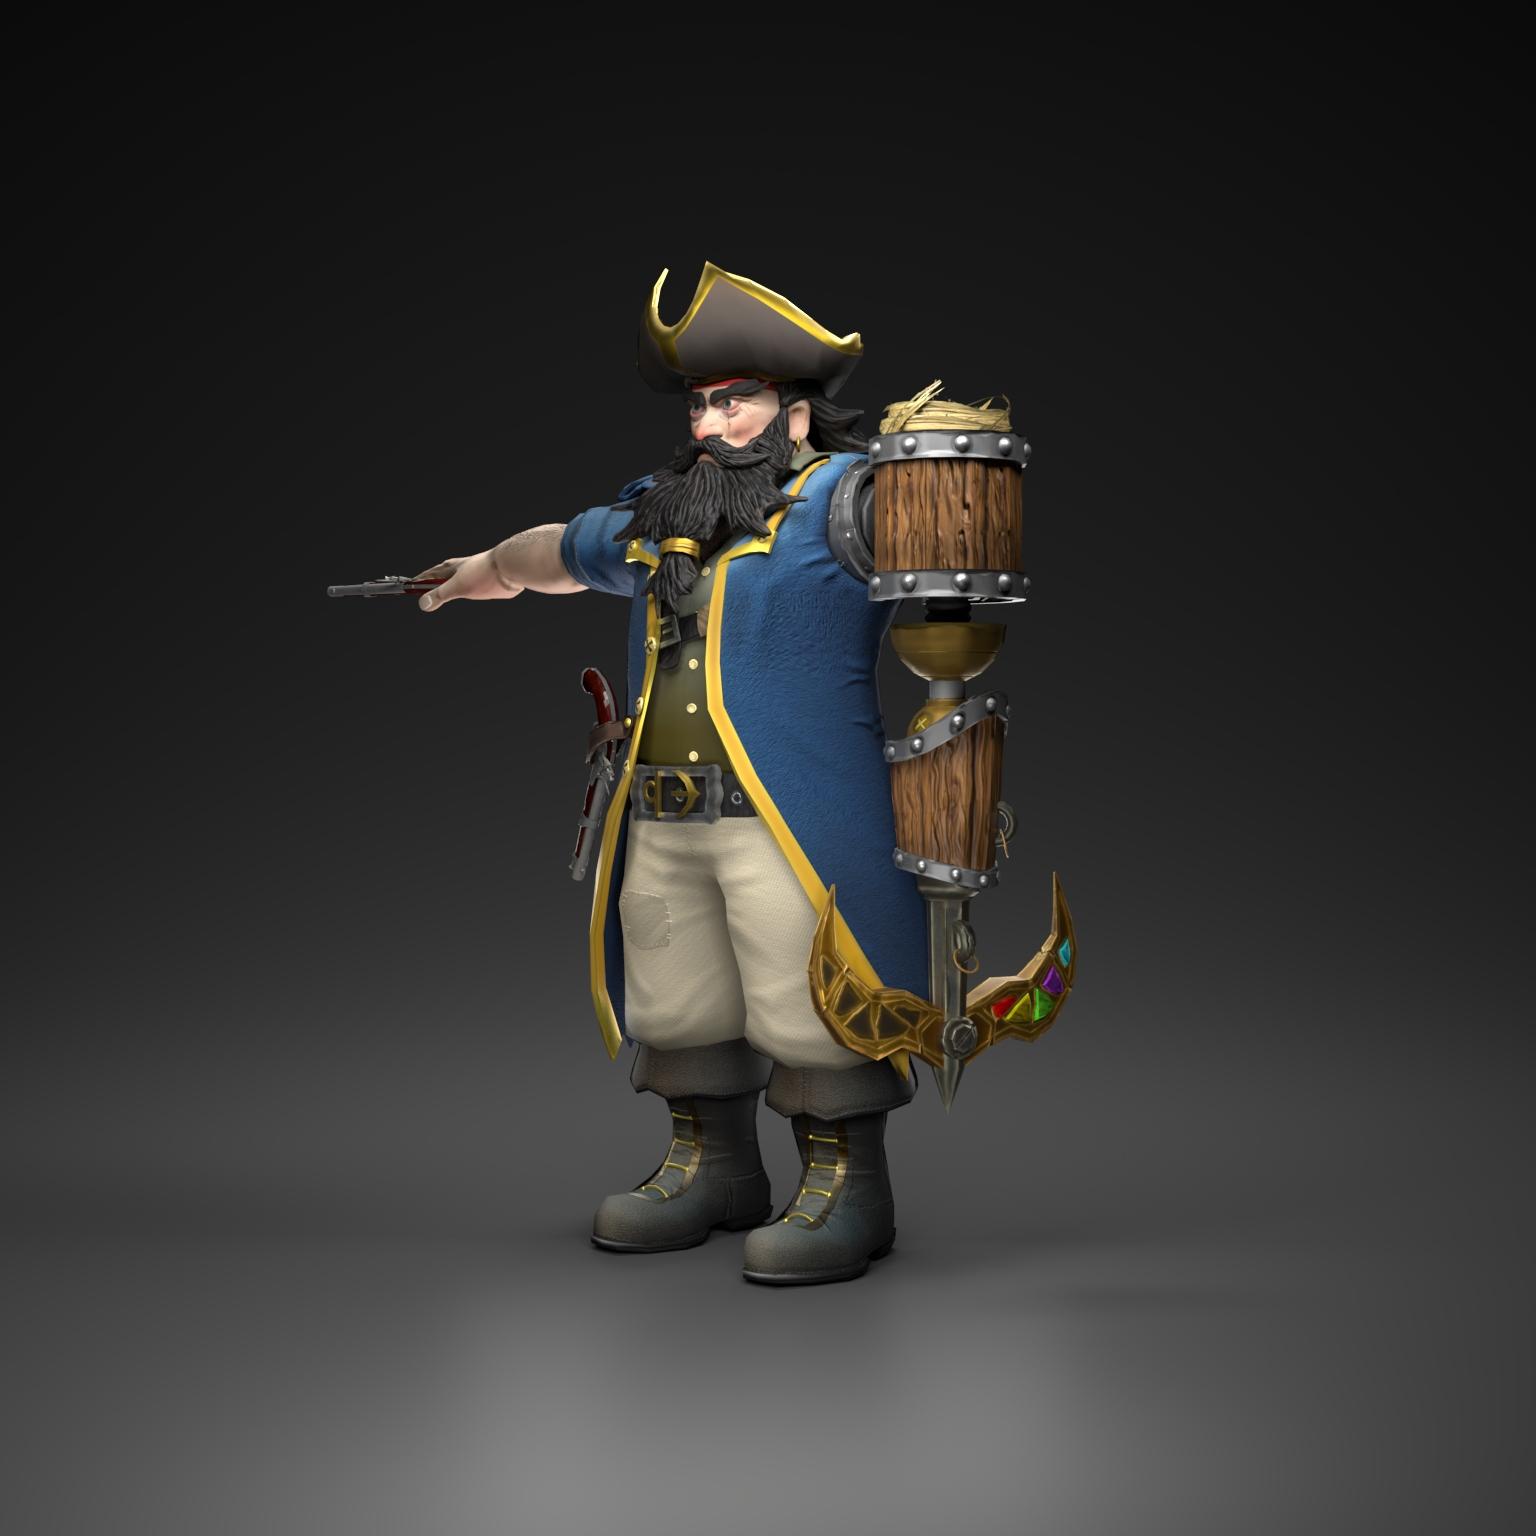 Pirate captain 3d model